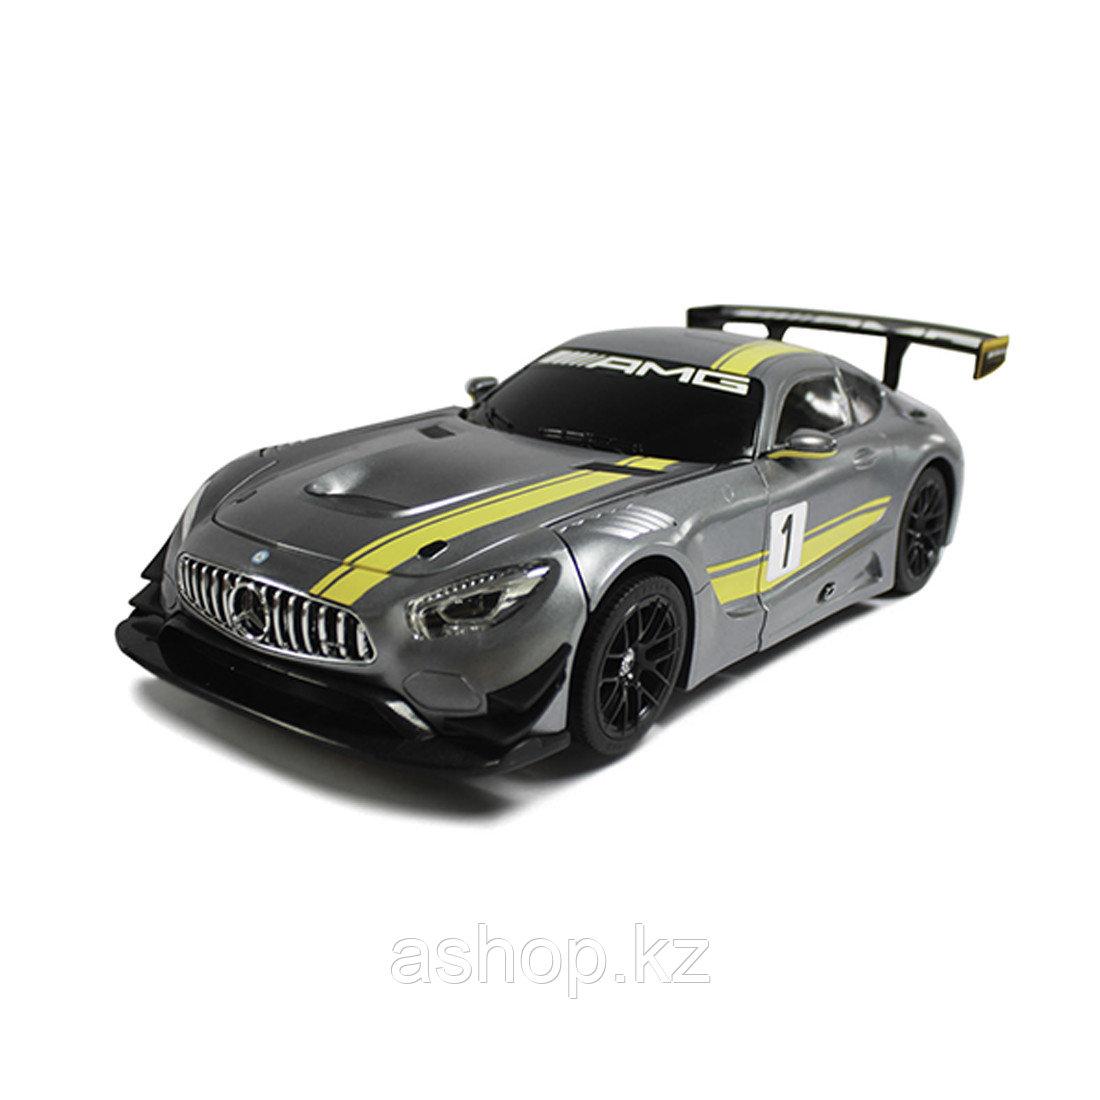 Игрушка трансформер Rastar Mercedes-Benz GT3, Управление: Пульт дистанционного управления - 2,4ГГц, Трансформа - фото 1